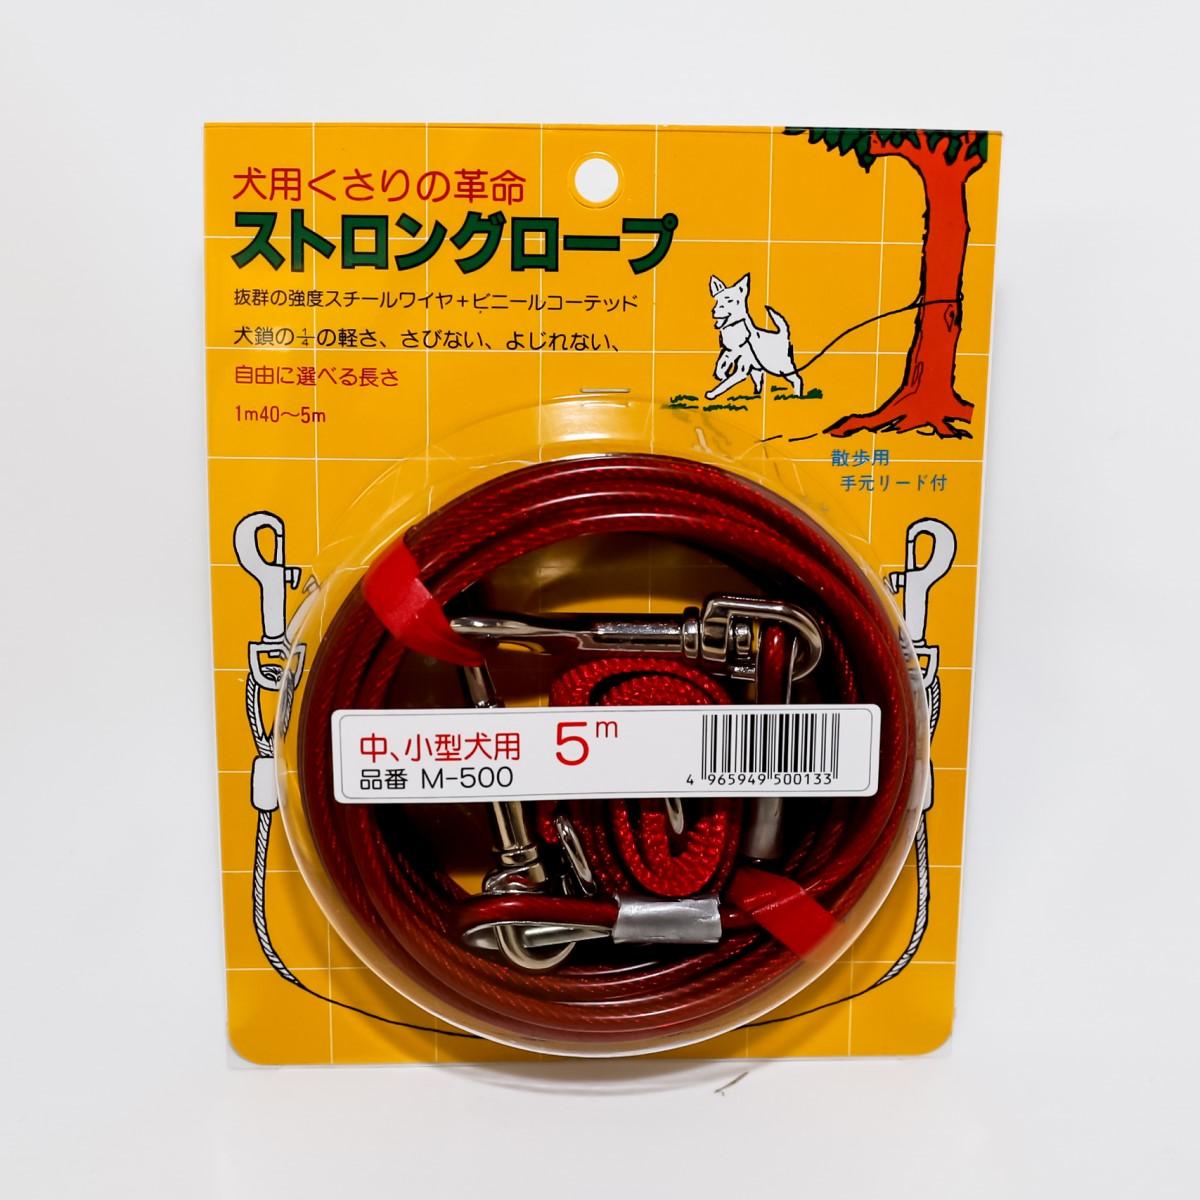 【送料無料】 ストロングロープ Mサイズ中・小型犬用 5m×7本